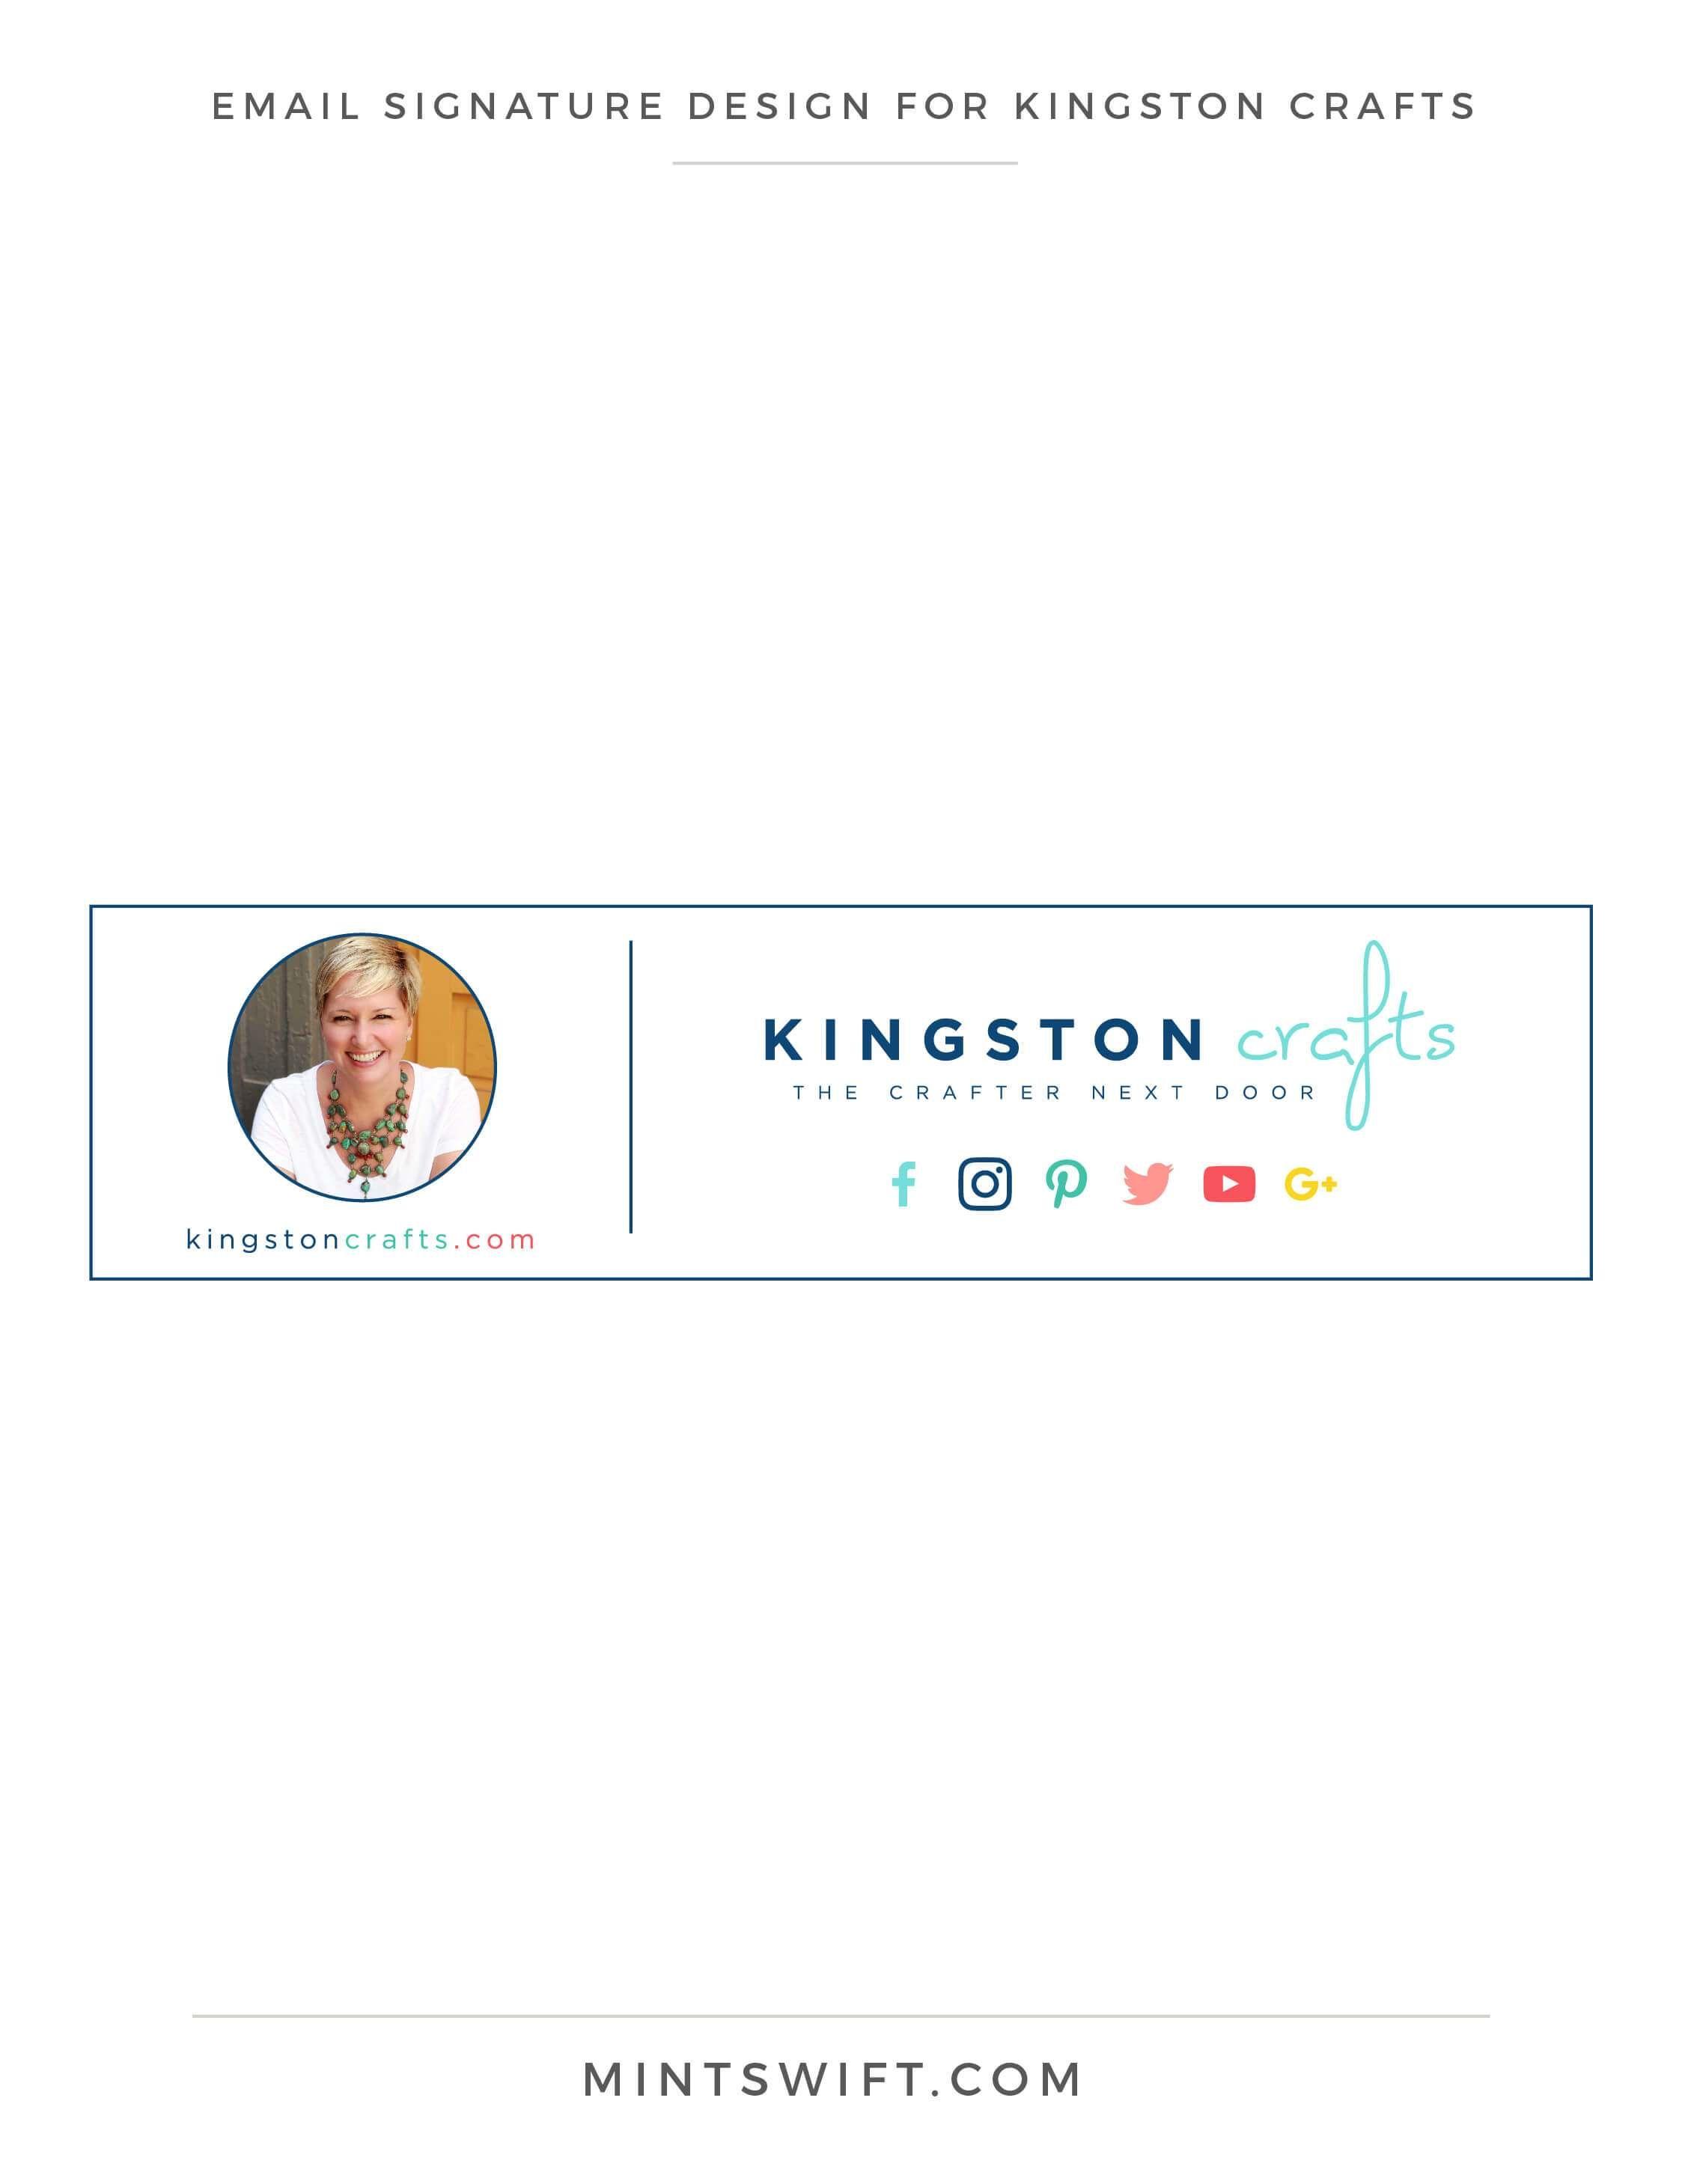 Brand Design for Kingston Crafts   Favicon design, Brand style ...